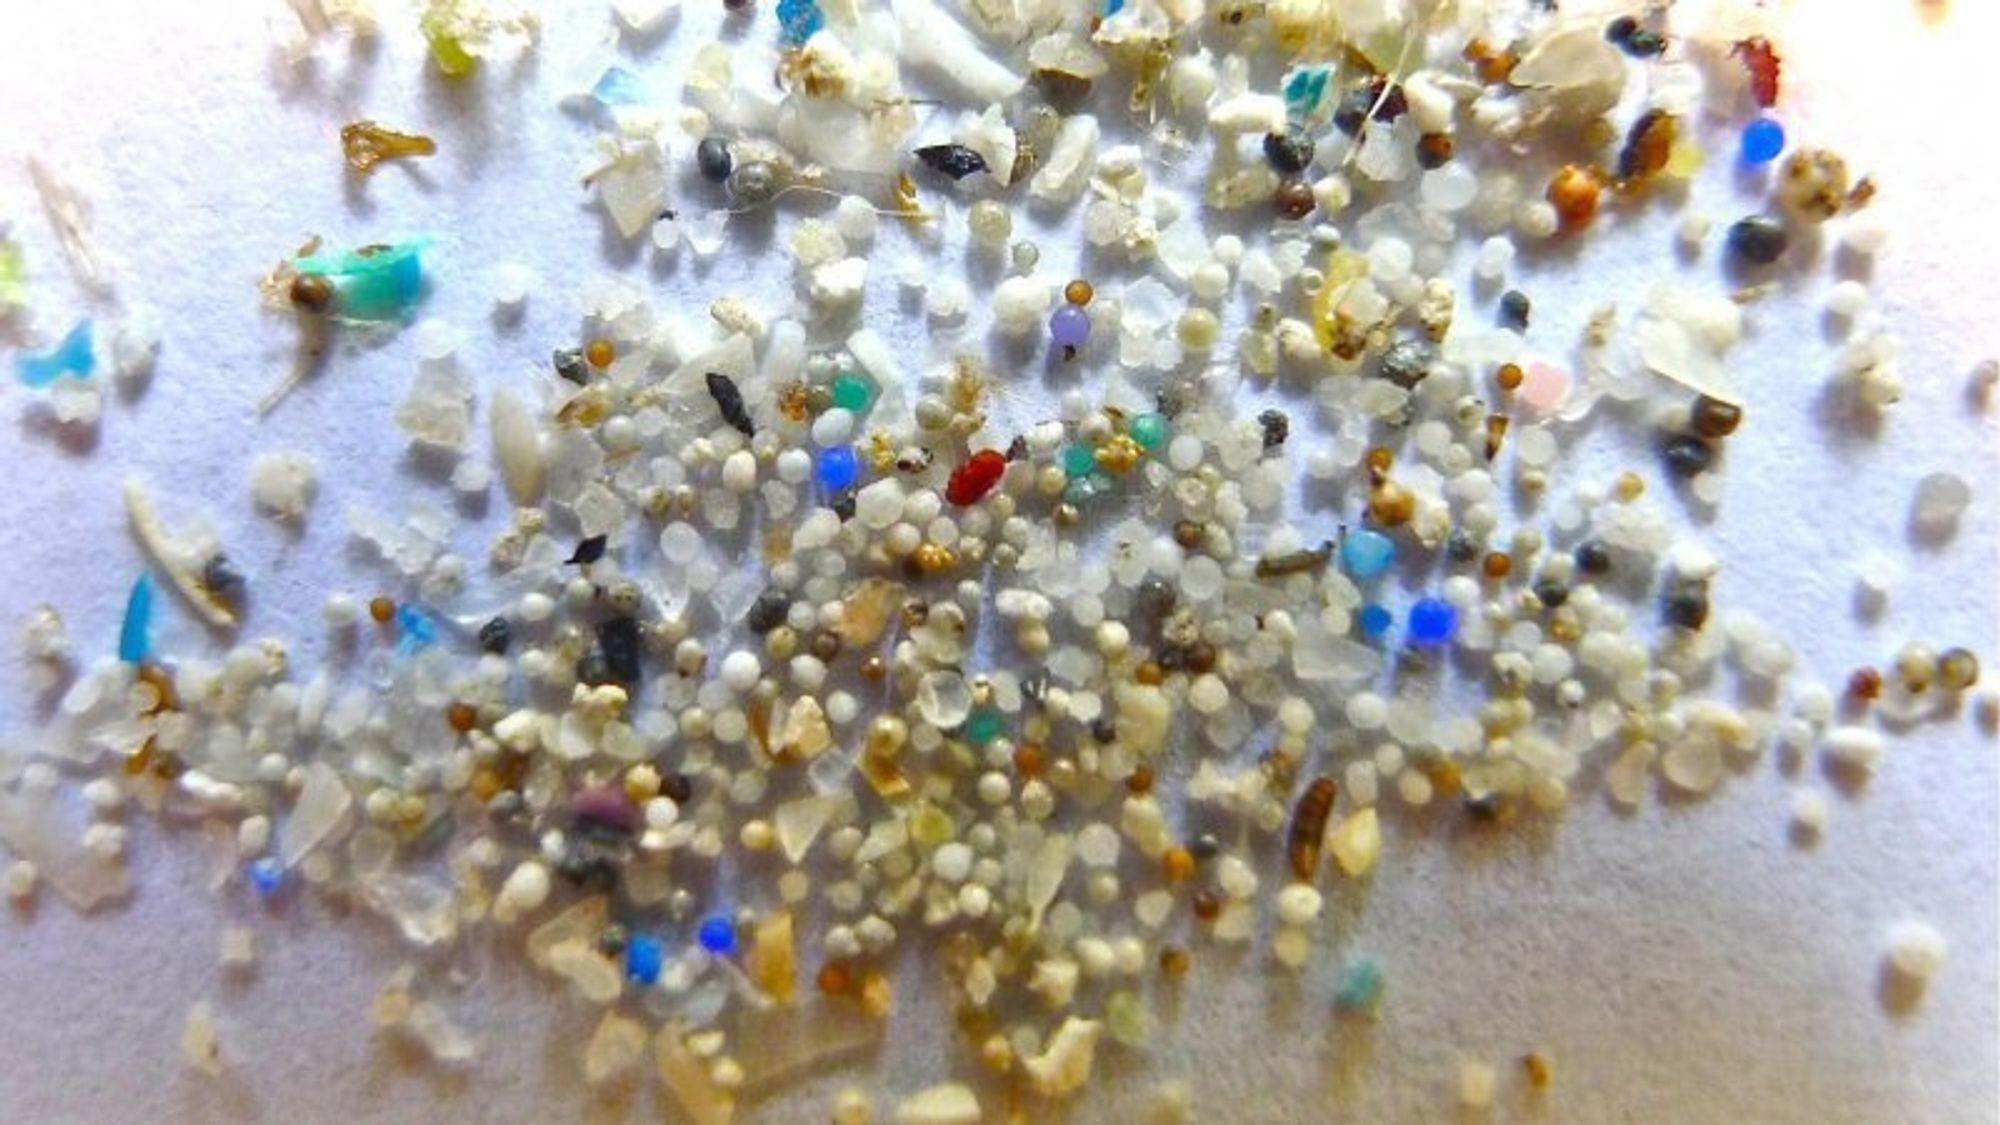 I årevis har kosmetikkbransjen tilsatt mikroplast i såpe- og kosmetikkprodukter, siden det gir en glatt eller lett skrubbende effekt. Det ender til slutt opp i vann og hav. Nå har forskere funnet et nedbrytbart alternativ.